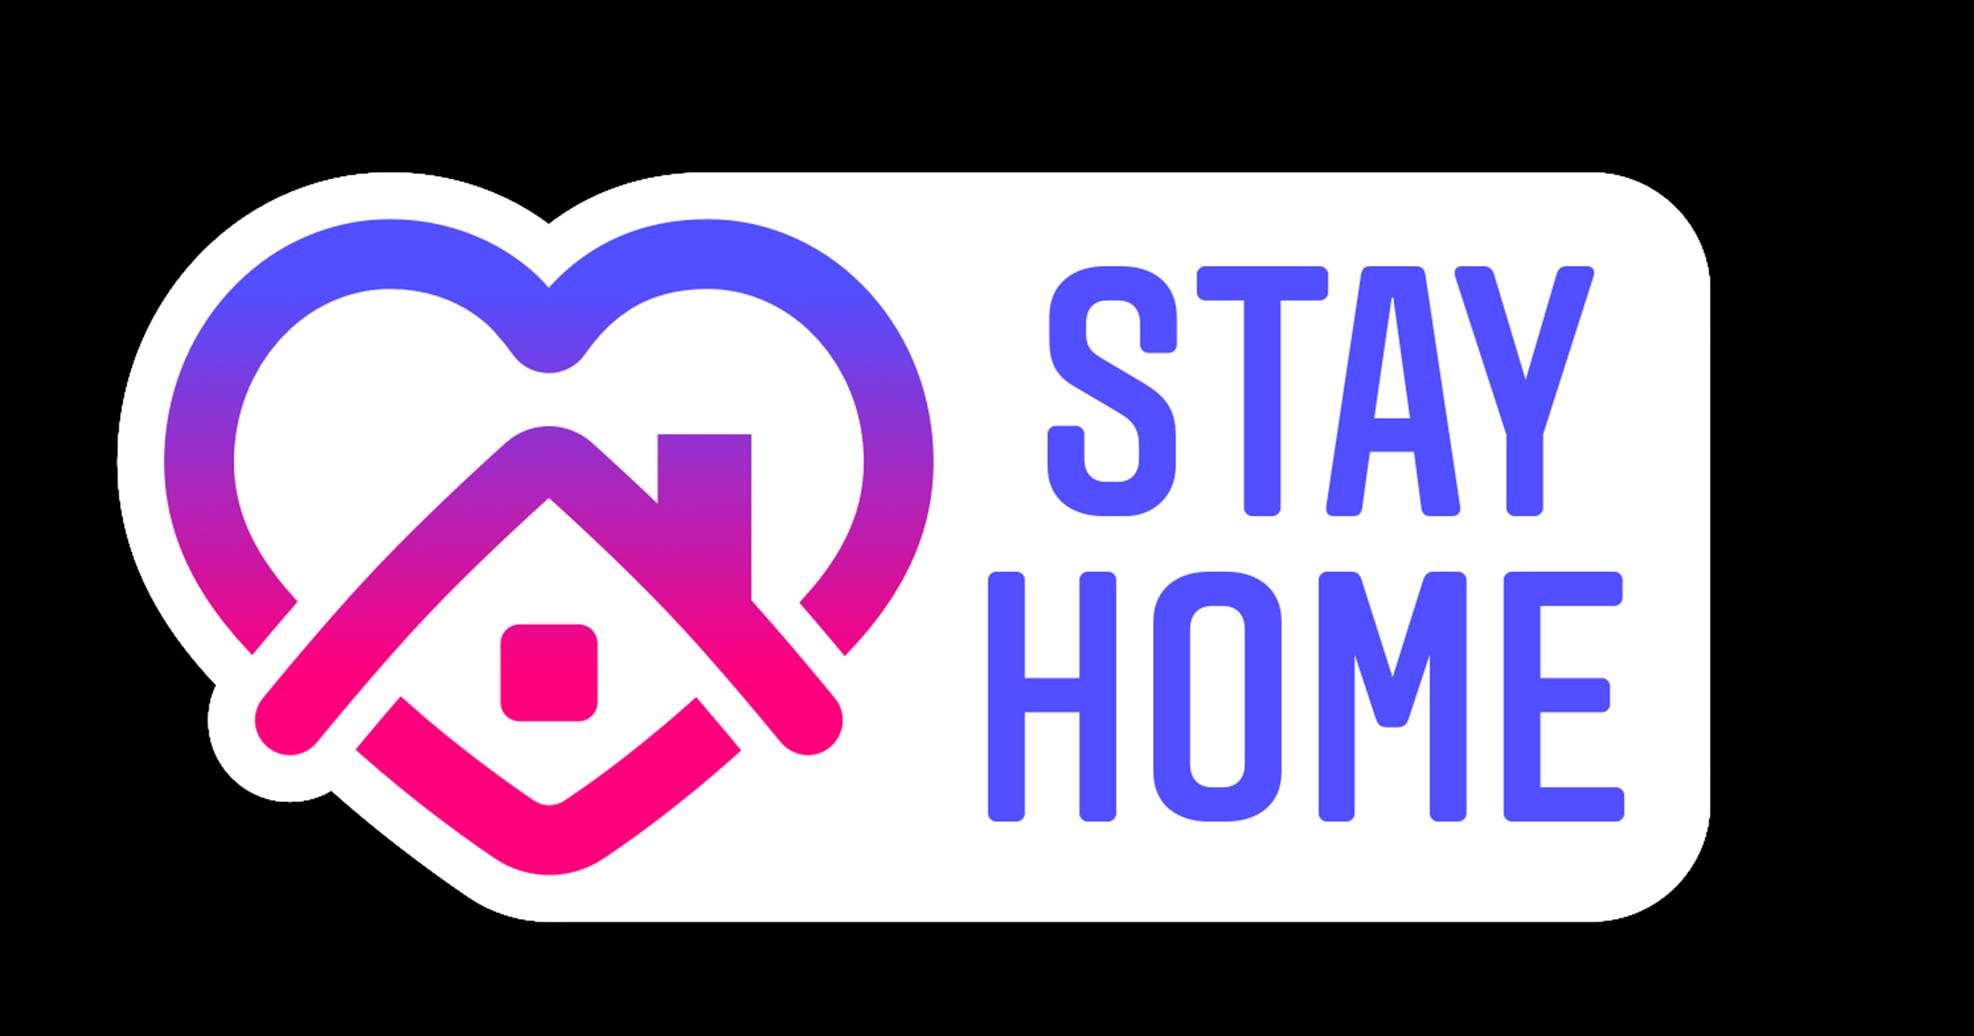 """Стикер Инстаграма """"Оставайся дома"""" с высоким разрешением в формате png"""